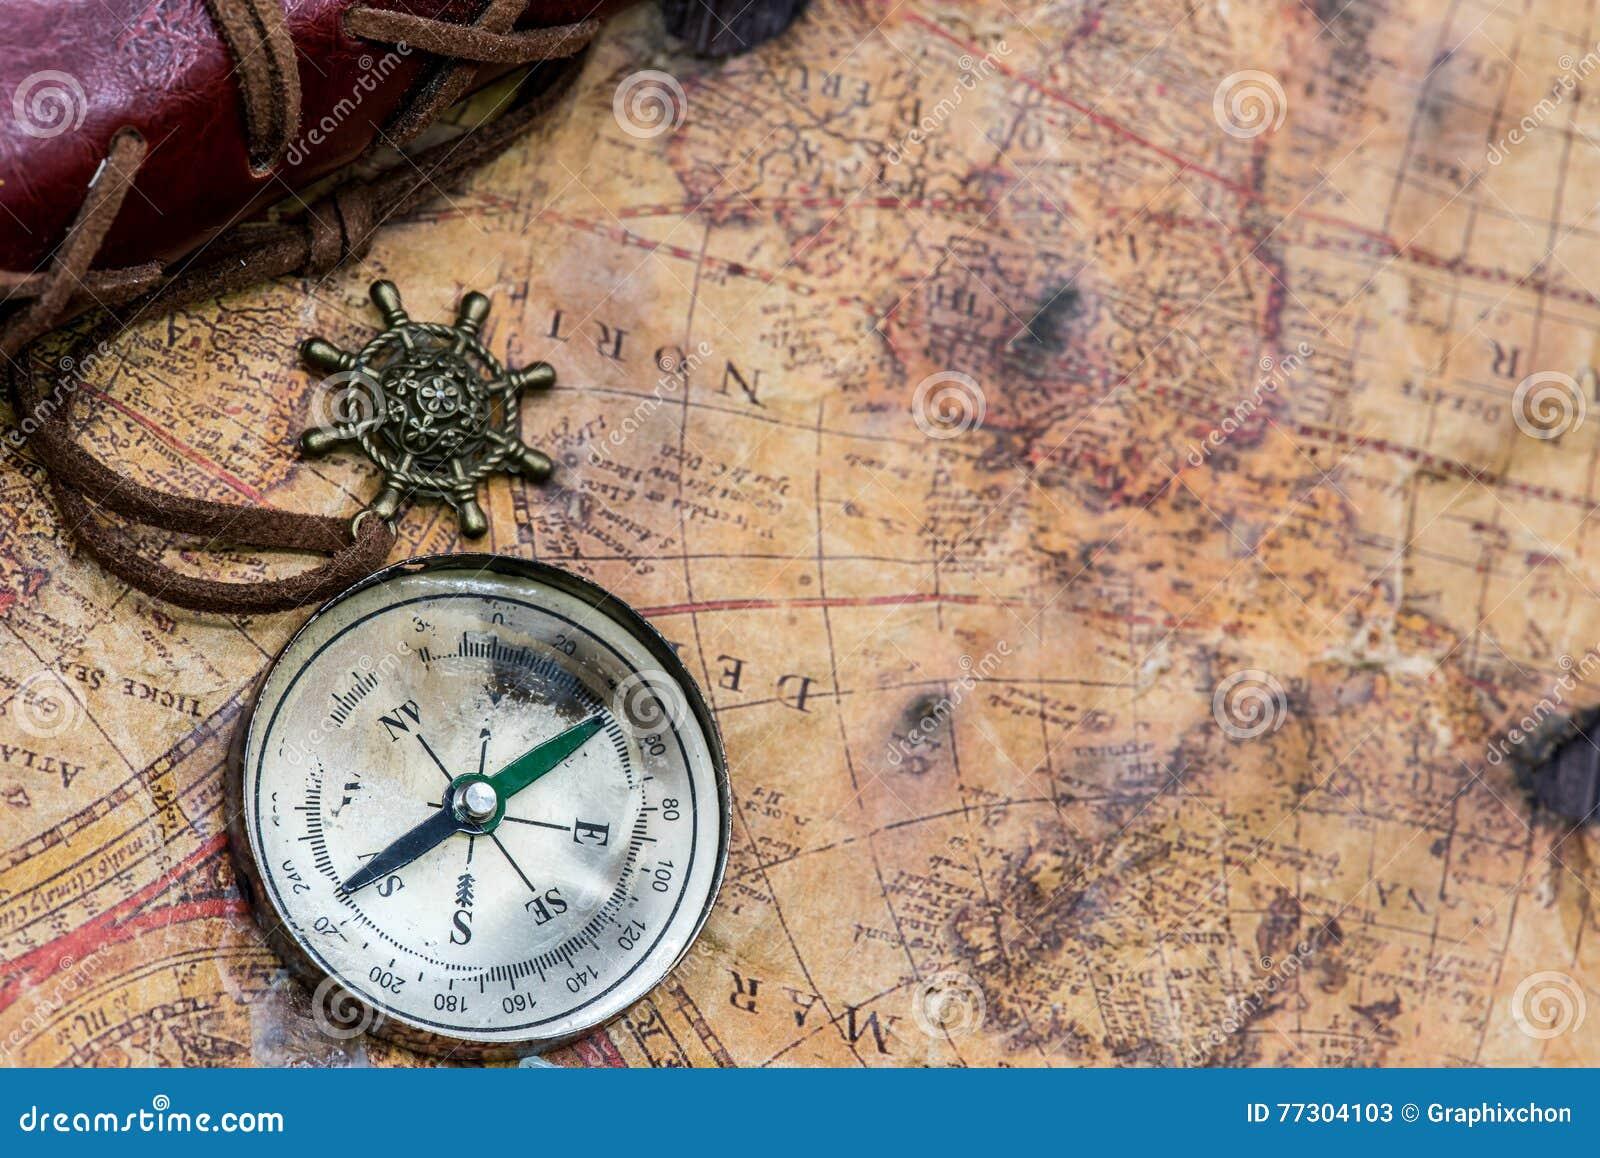 Fantasy Life World Map.World Map Background Stock Image Image Of Port Fantasy 77304103